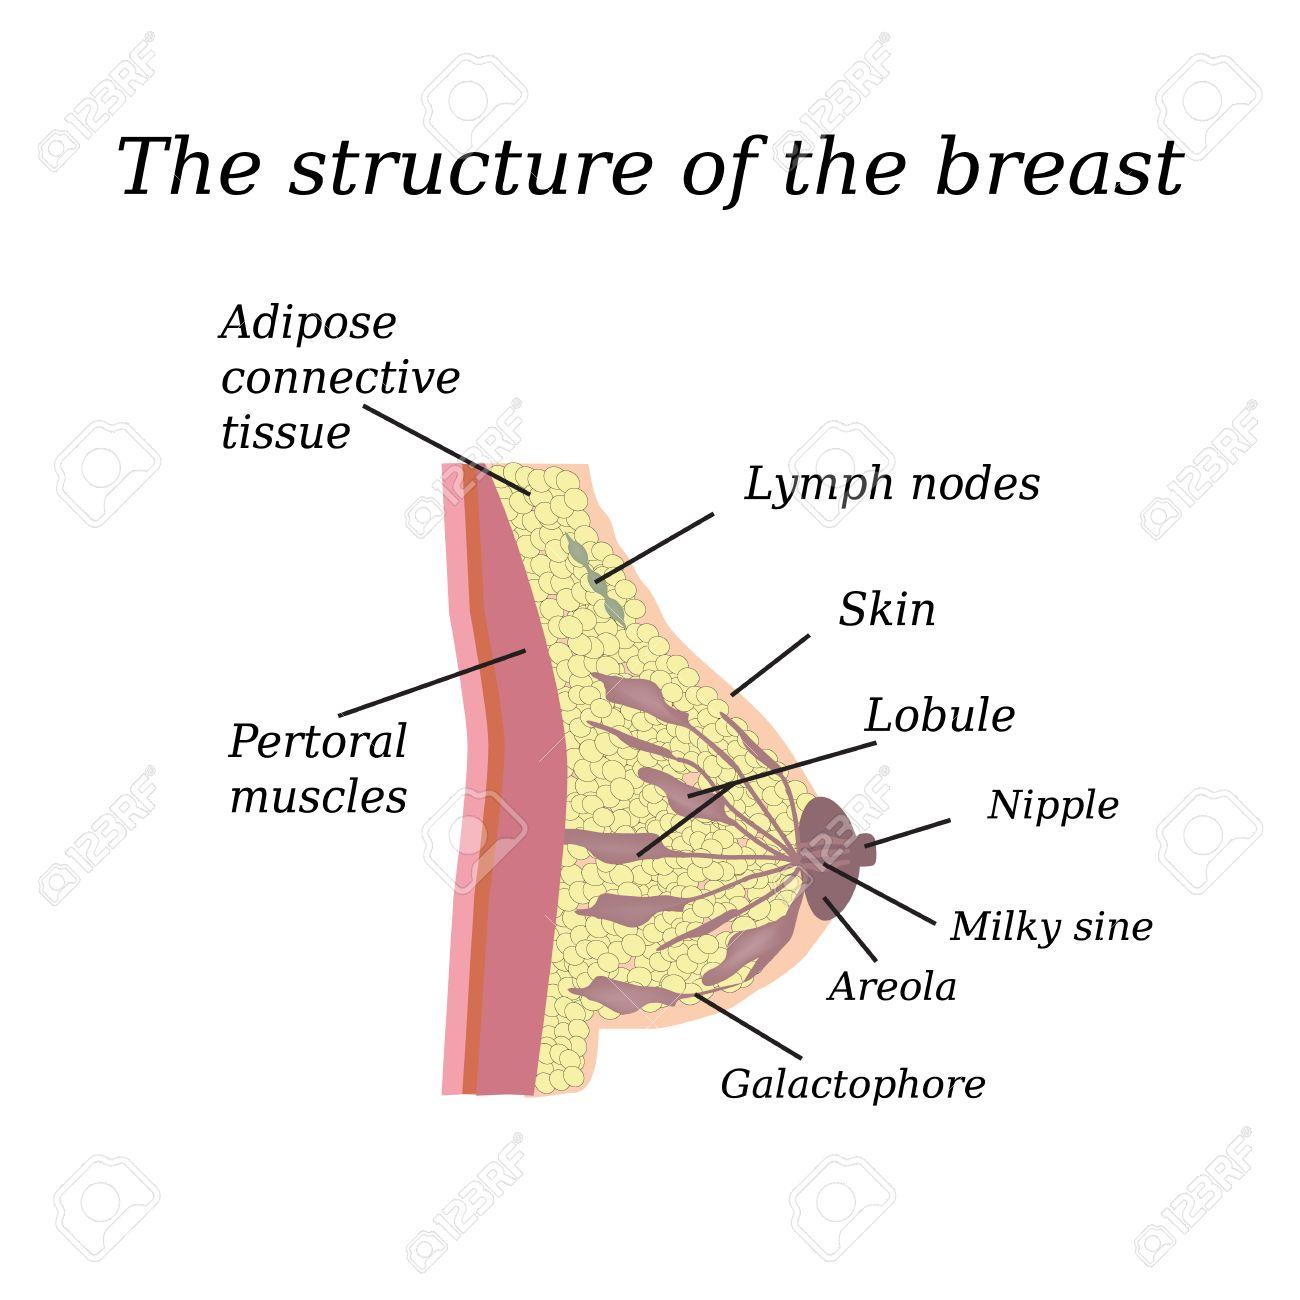 Ungewöhnlich Anatomie Der Brustdrüse Der Kuh Fotos - Anatomie Von ...